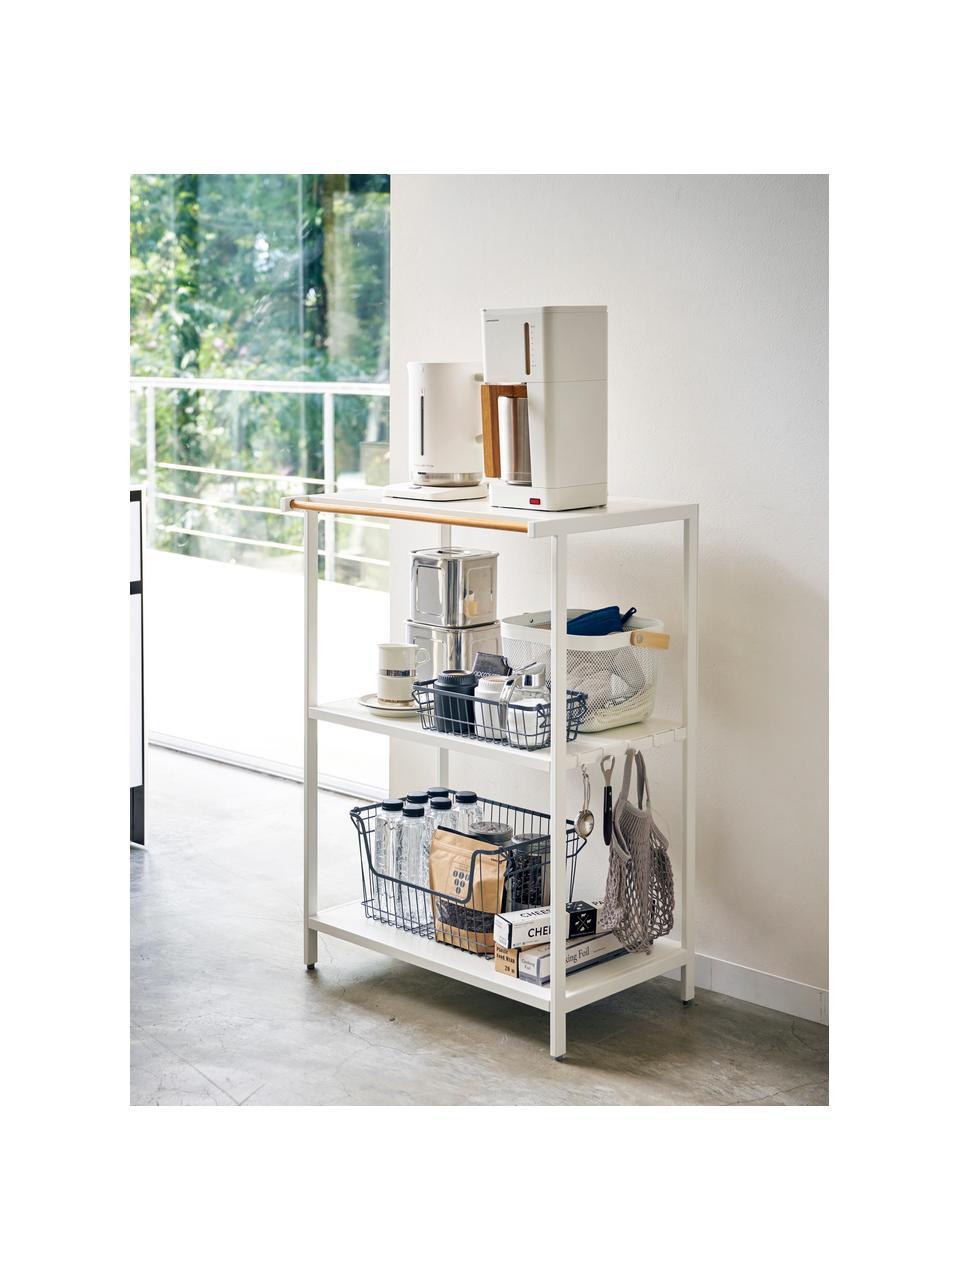 Scaffale in metallo bianco con porta asciugamani Killy, Scaffale: metallo verniciato a polv, Manico: legno, Bianco, Larg. 60 x Alt. 90 cm